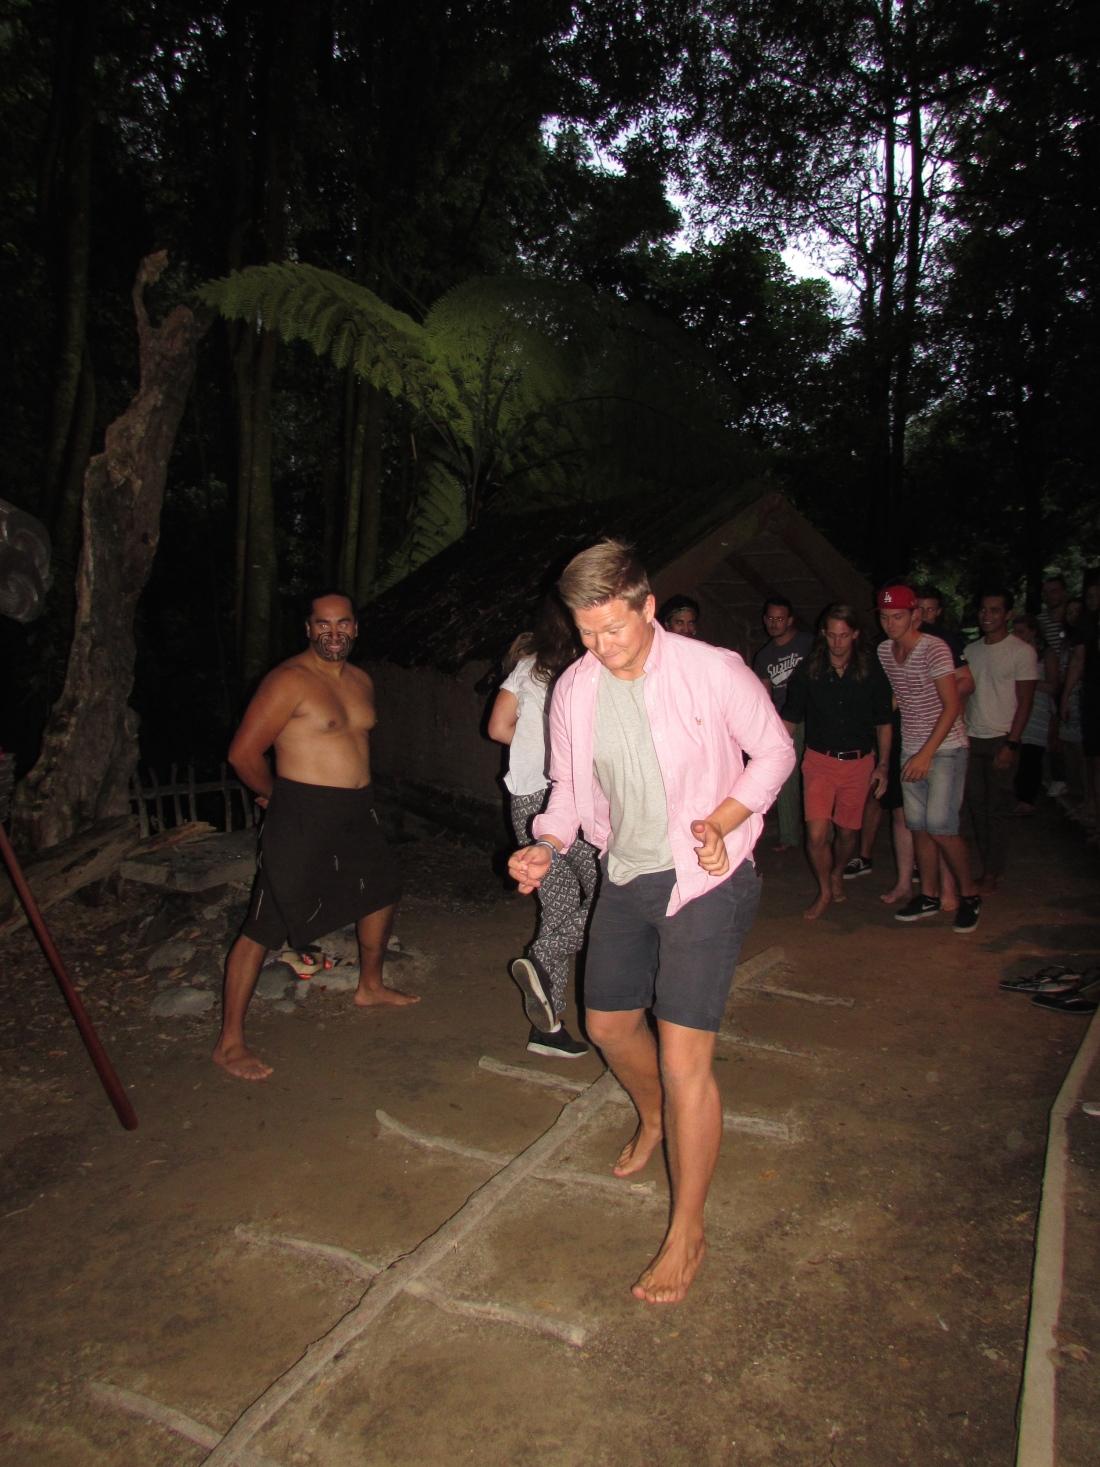 Tamaki Maori Village Activities